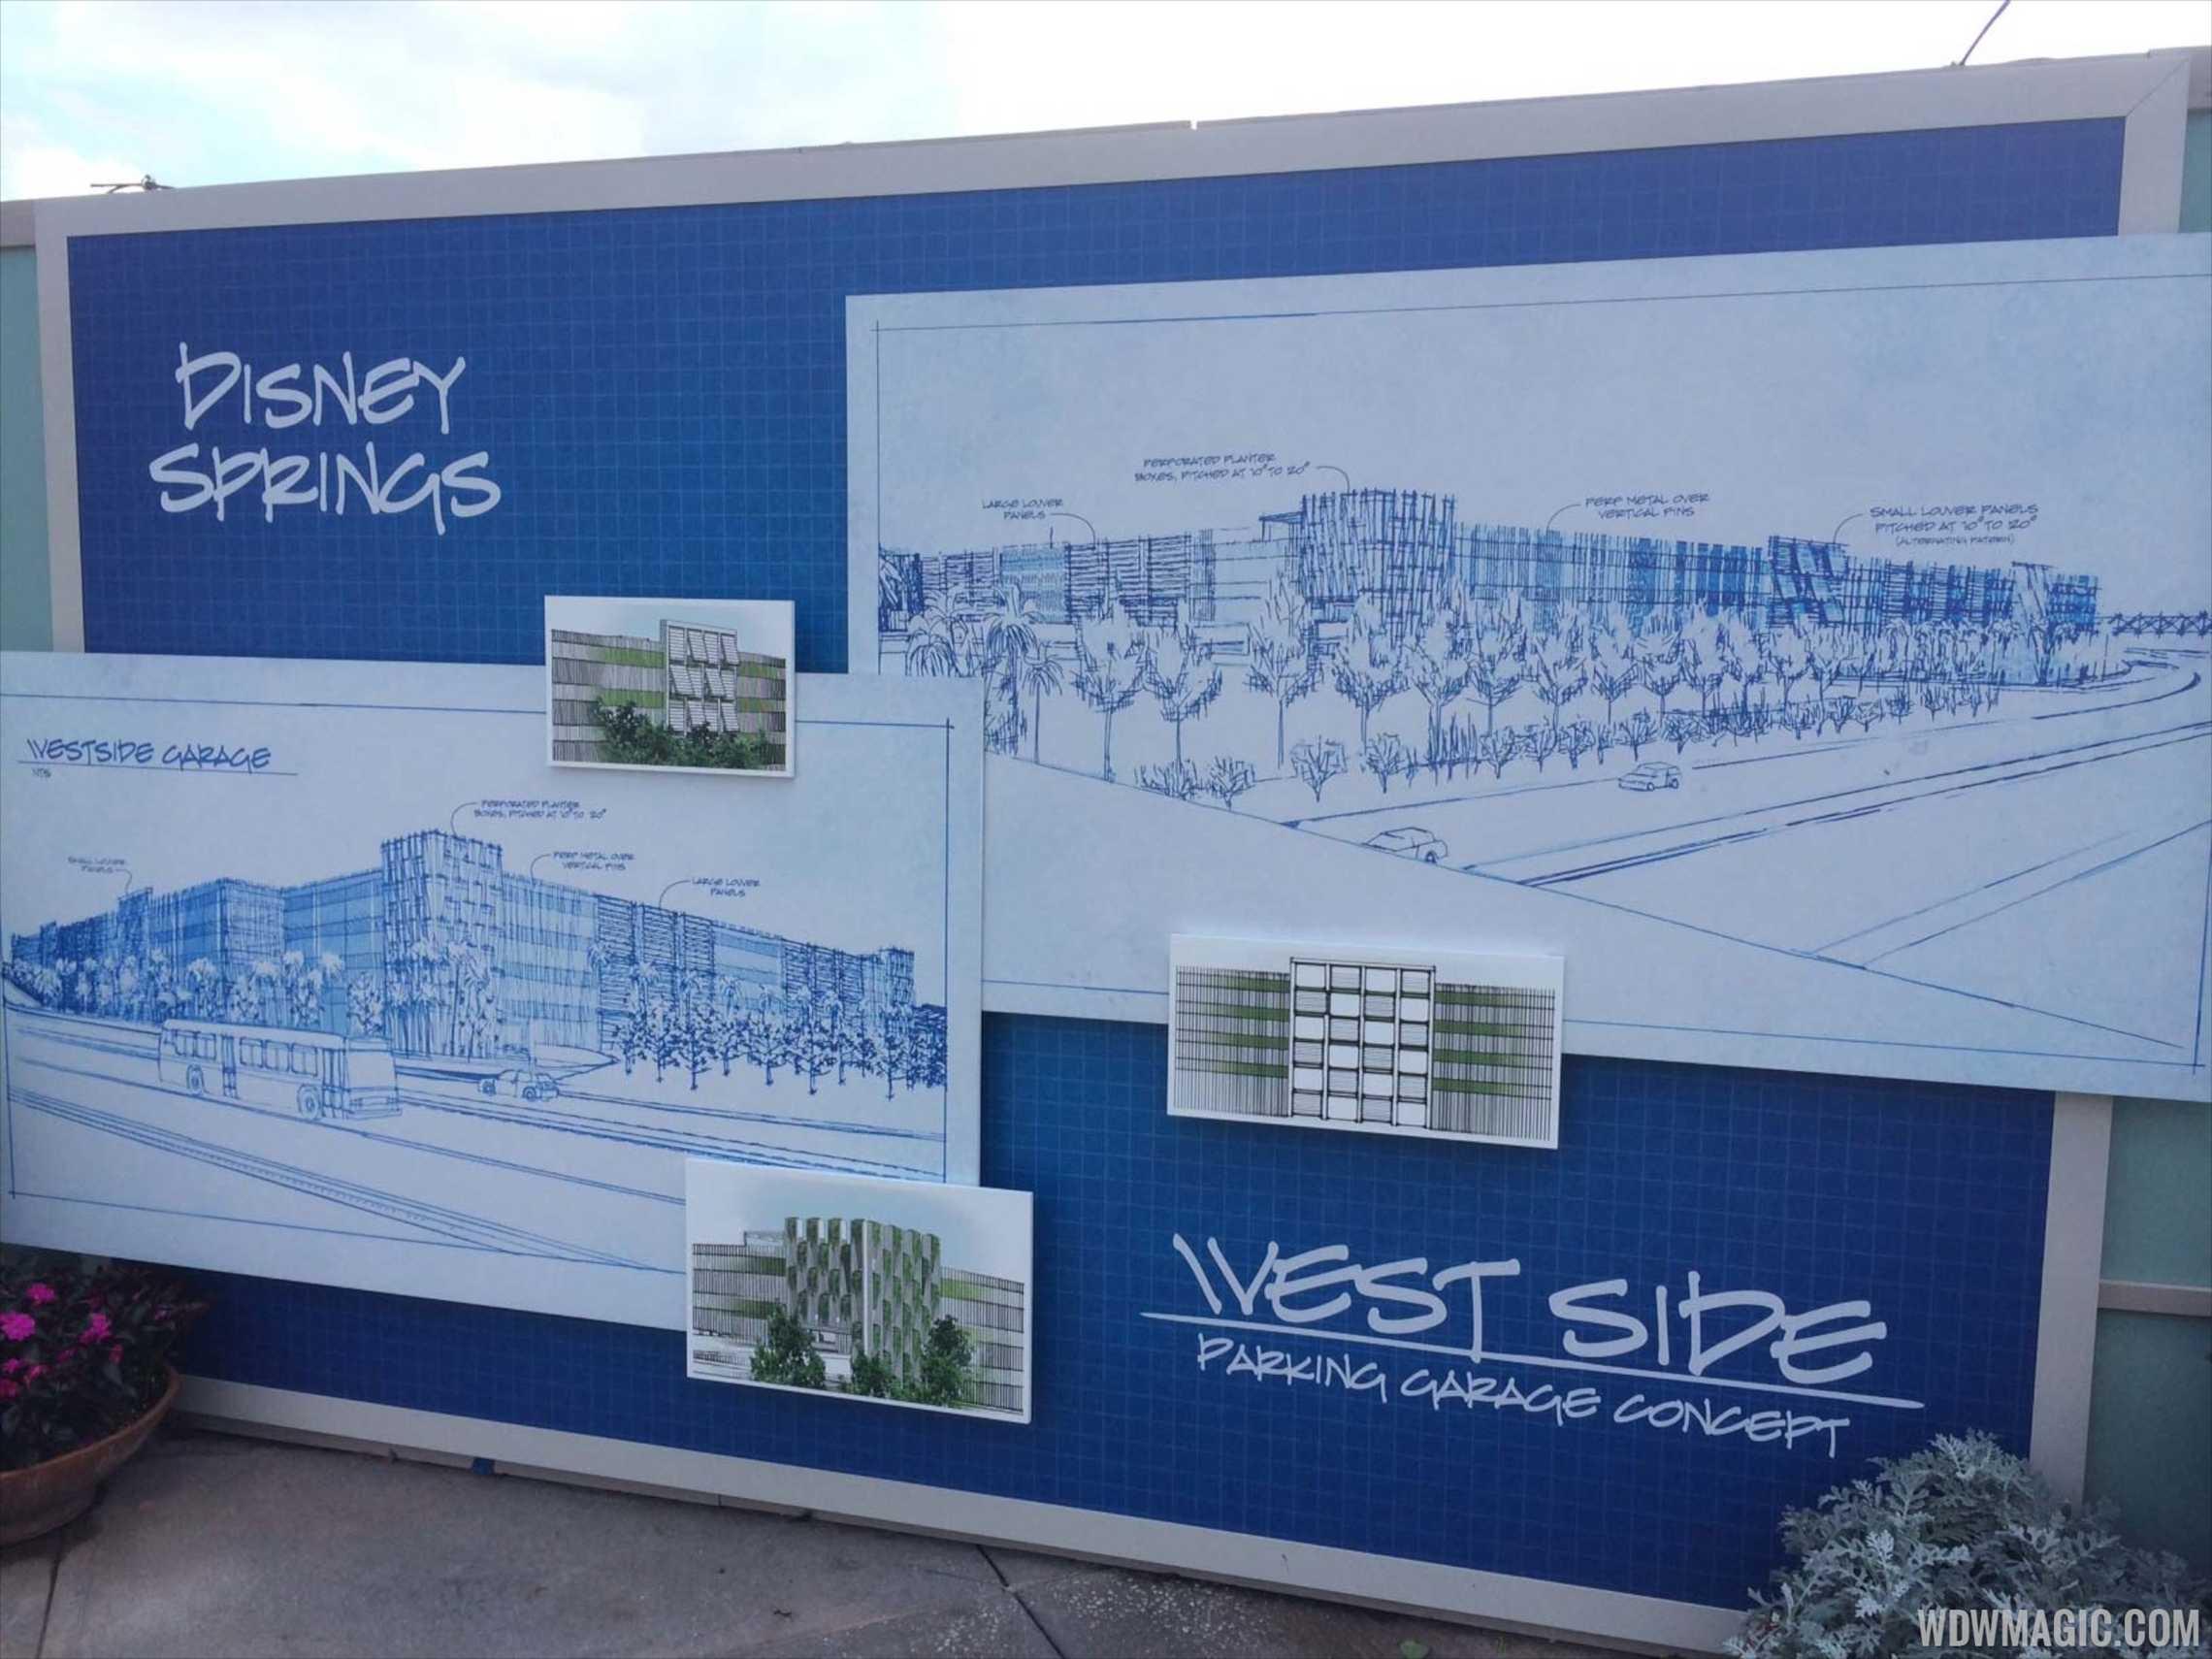 Disney Springs West Side parking Garage concept art